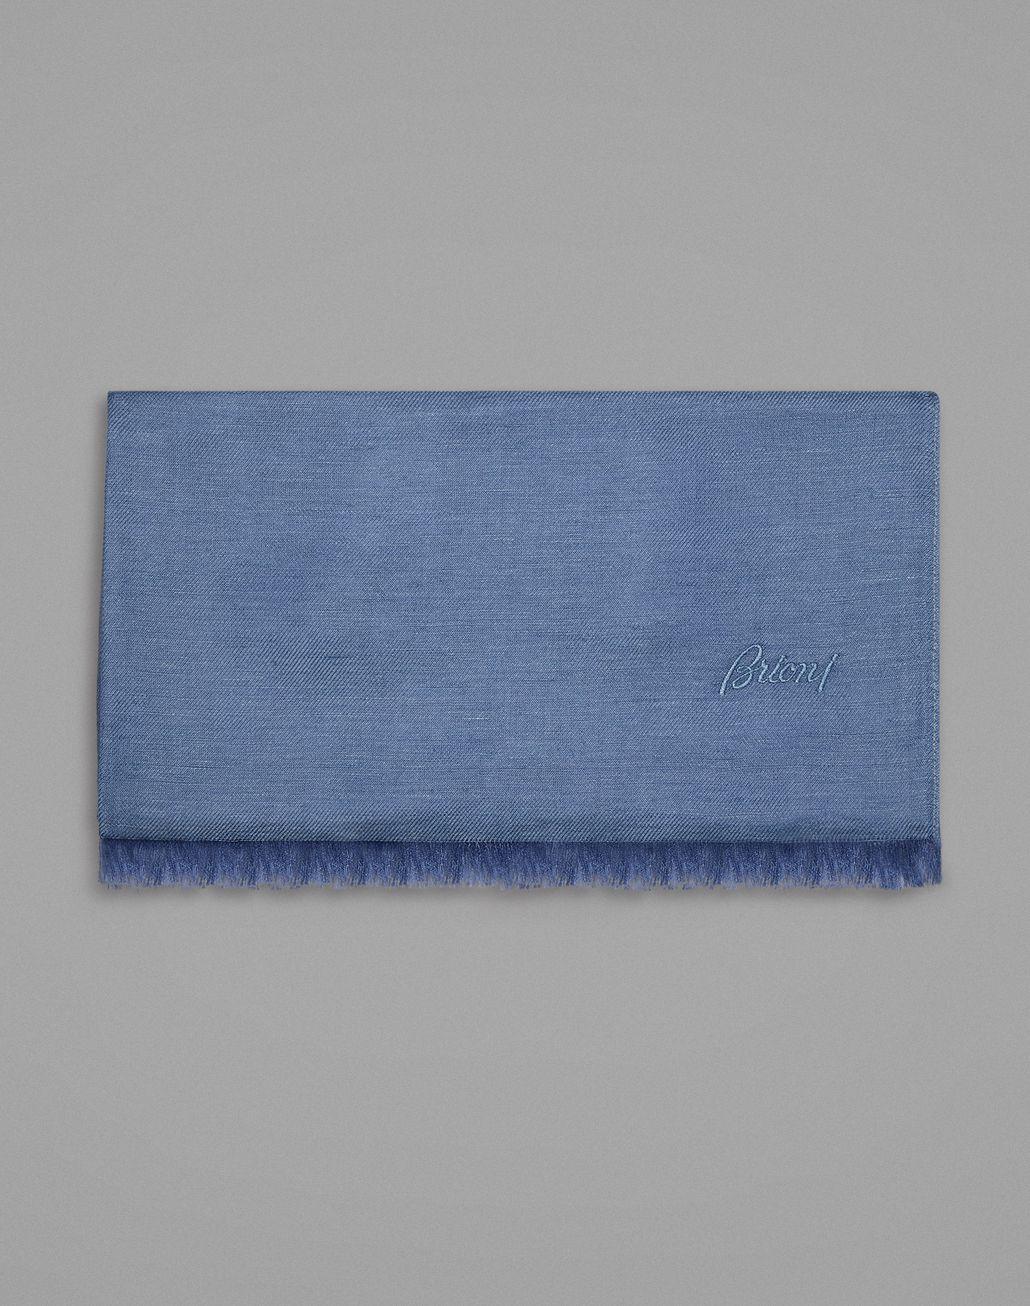 BRIONI スカーフ ブルー スカーフ メンズ f